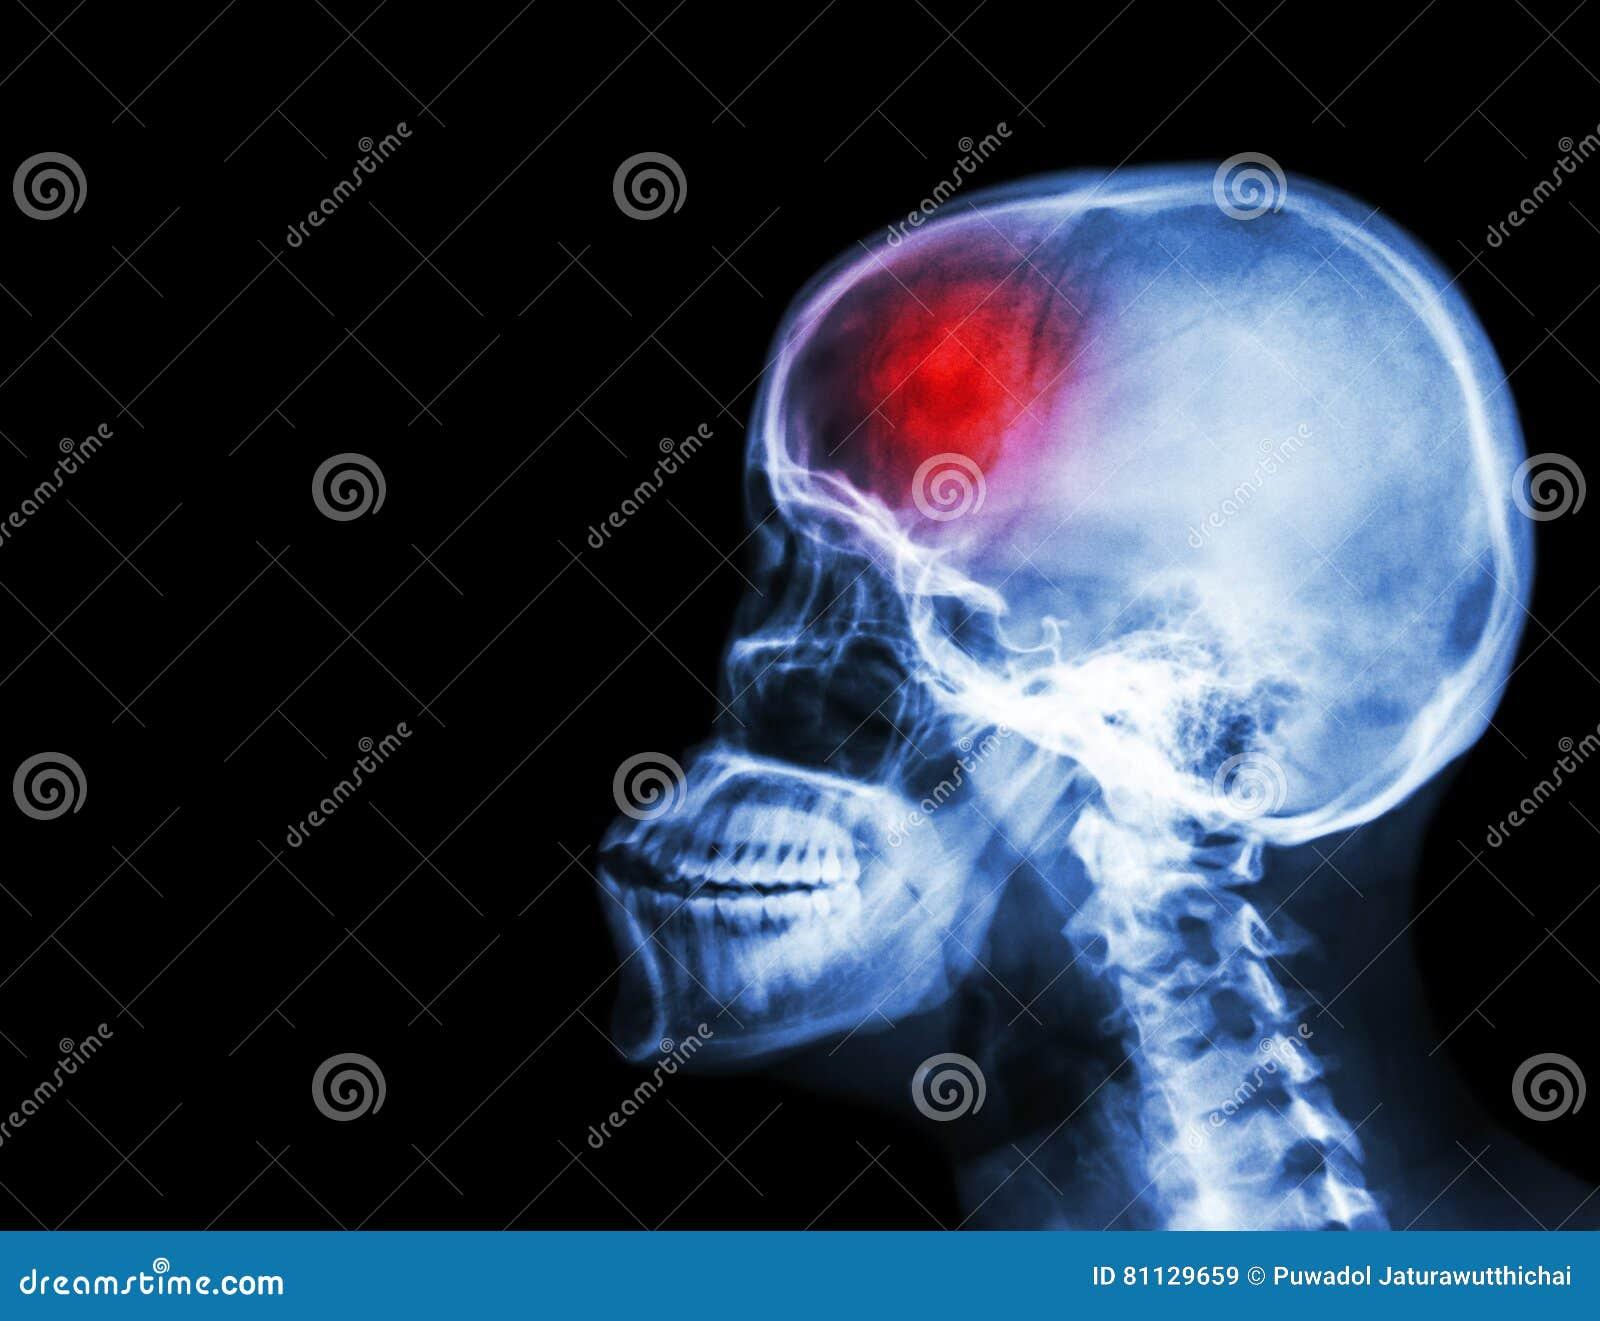 Anschlag filmen Sie Röntgenstrahlschädel und zervikale Dornseitenansicht und -anschlag zerebrovaskulär leerer Bereich an der link